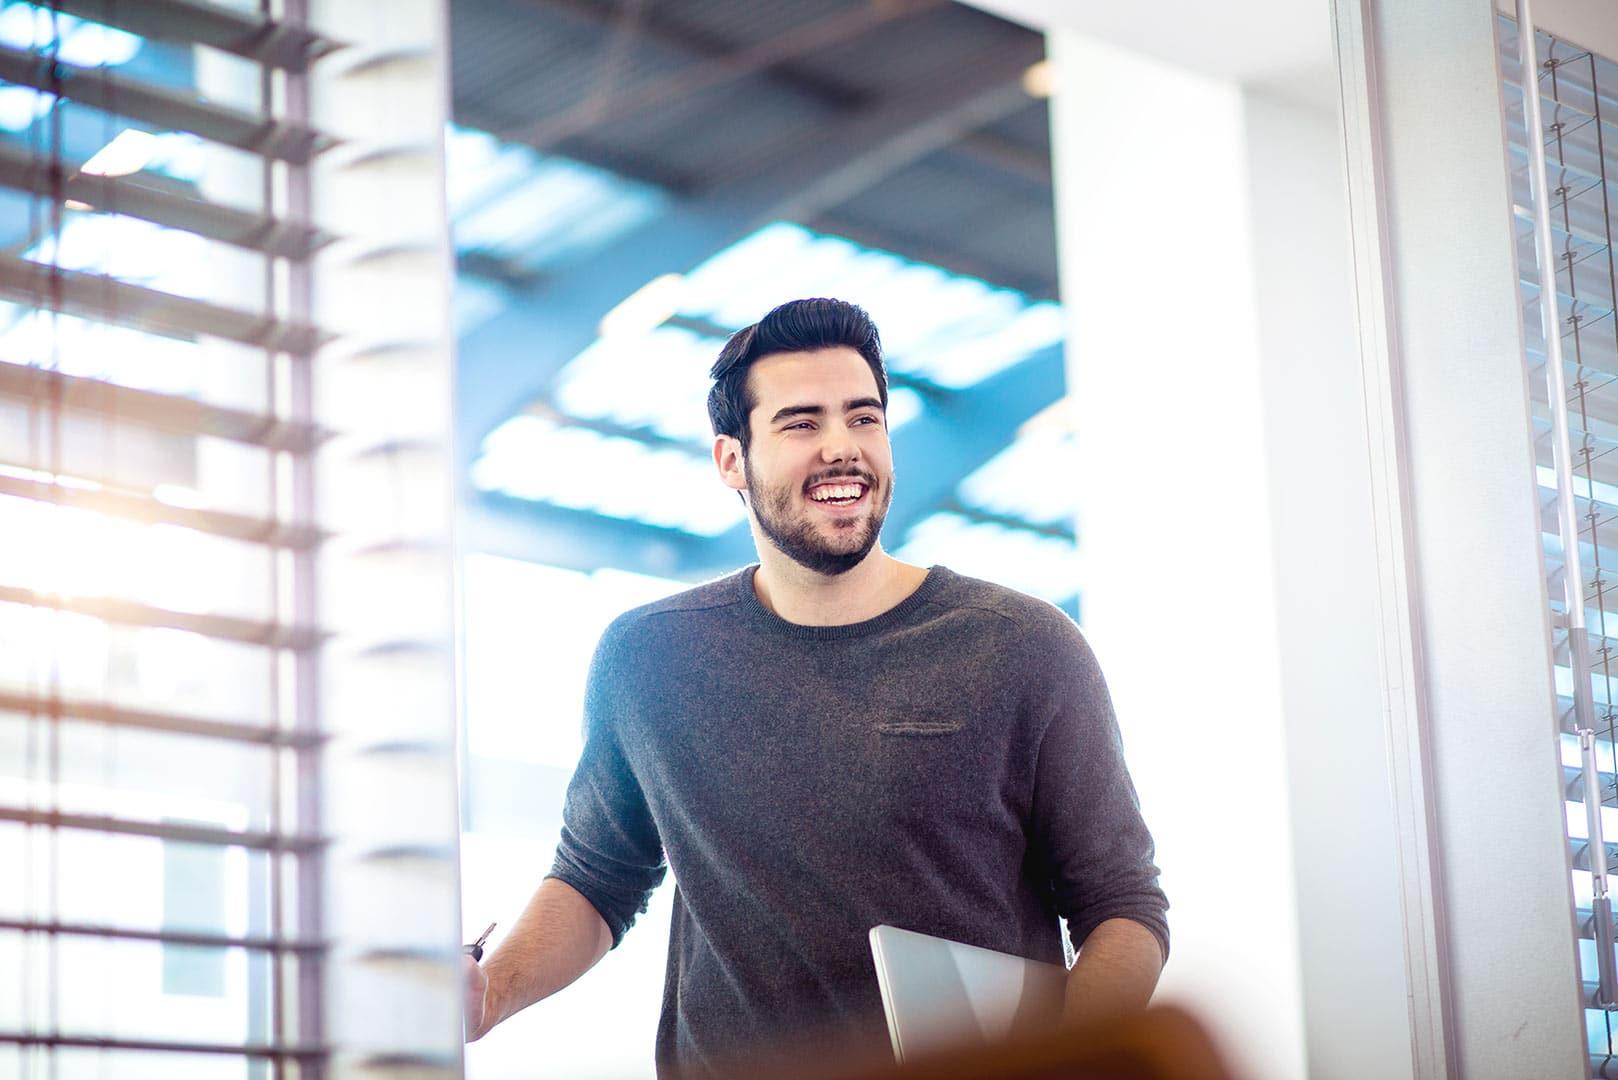 lachender Mann mit Laptop betritt einen Meetingraum, fröhlich mit Zuversicht